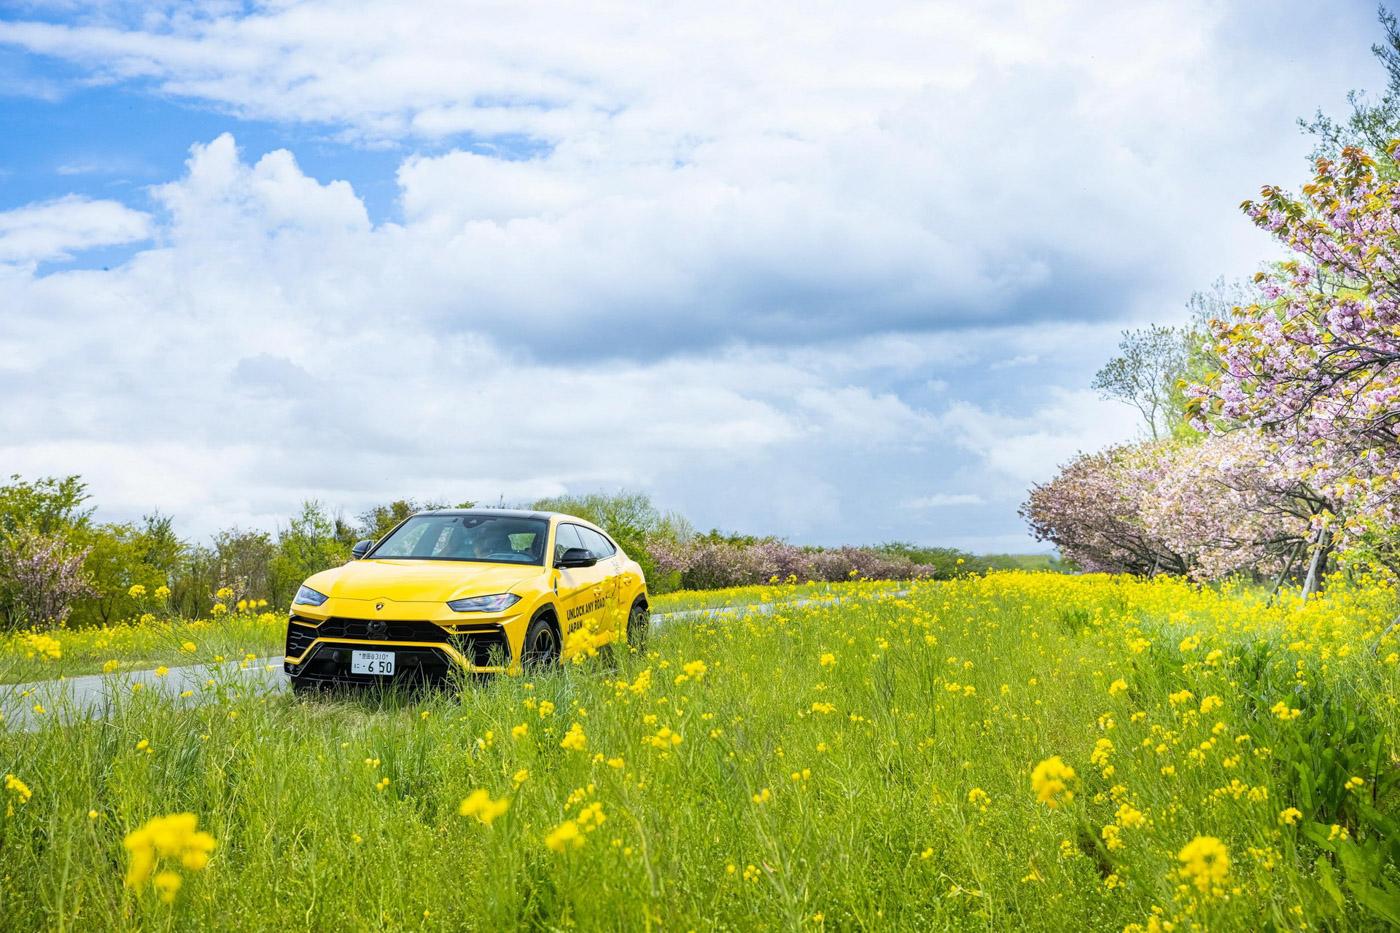 Bộ-đôi-Lamborghini-Urus-vượt-hơn-6.500-km-trong-hành-trình-xuyên-Nhật-Bản (37).jpg